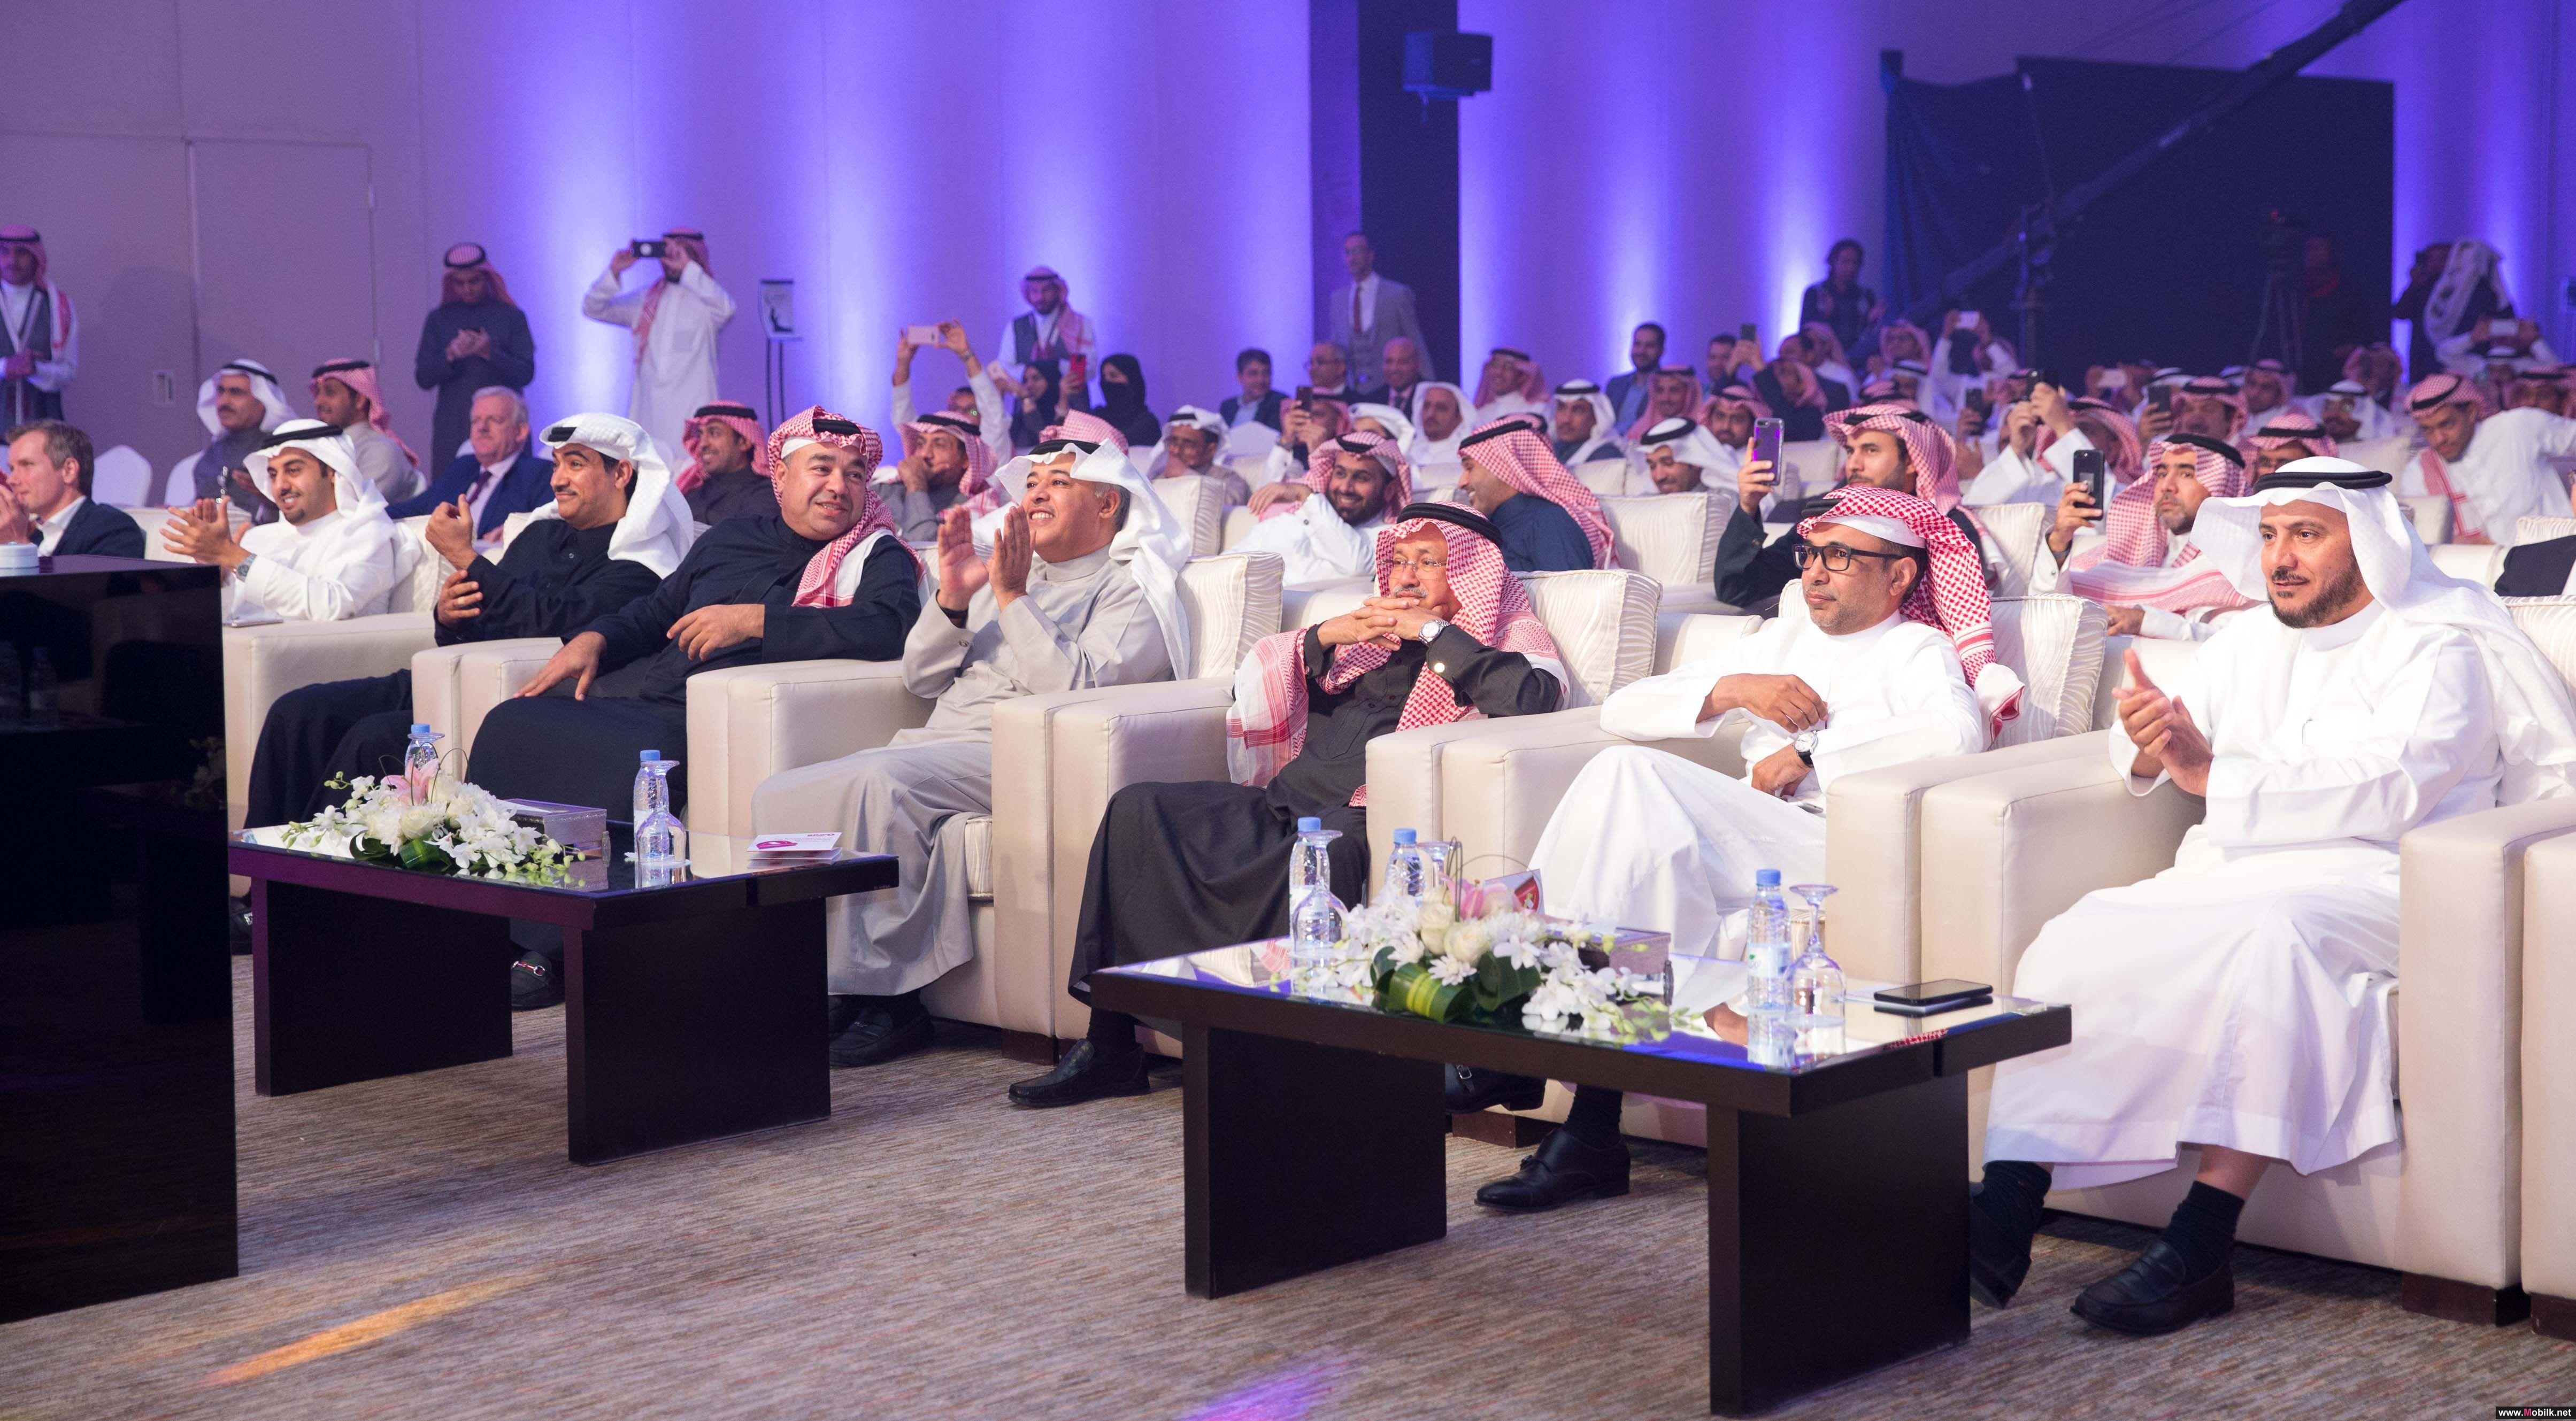 البياري : STC تسير بخطى واثقة للتحول الرقمي وتحقيق أهداف 2030